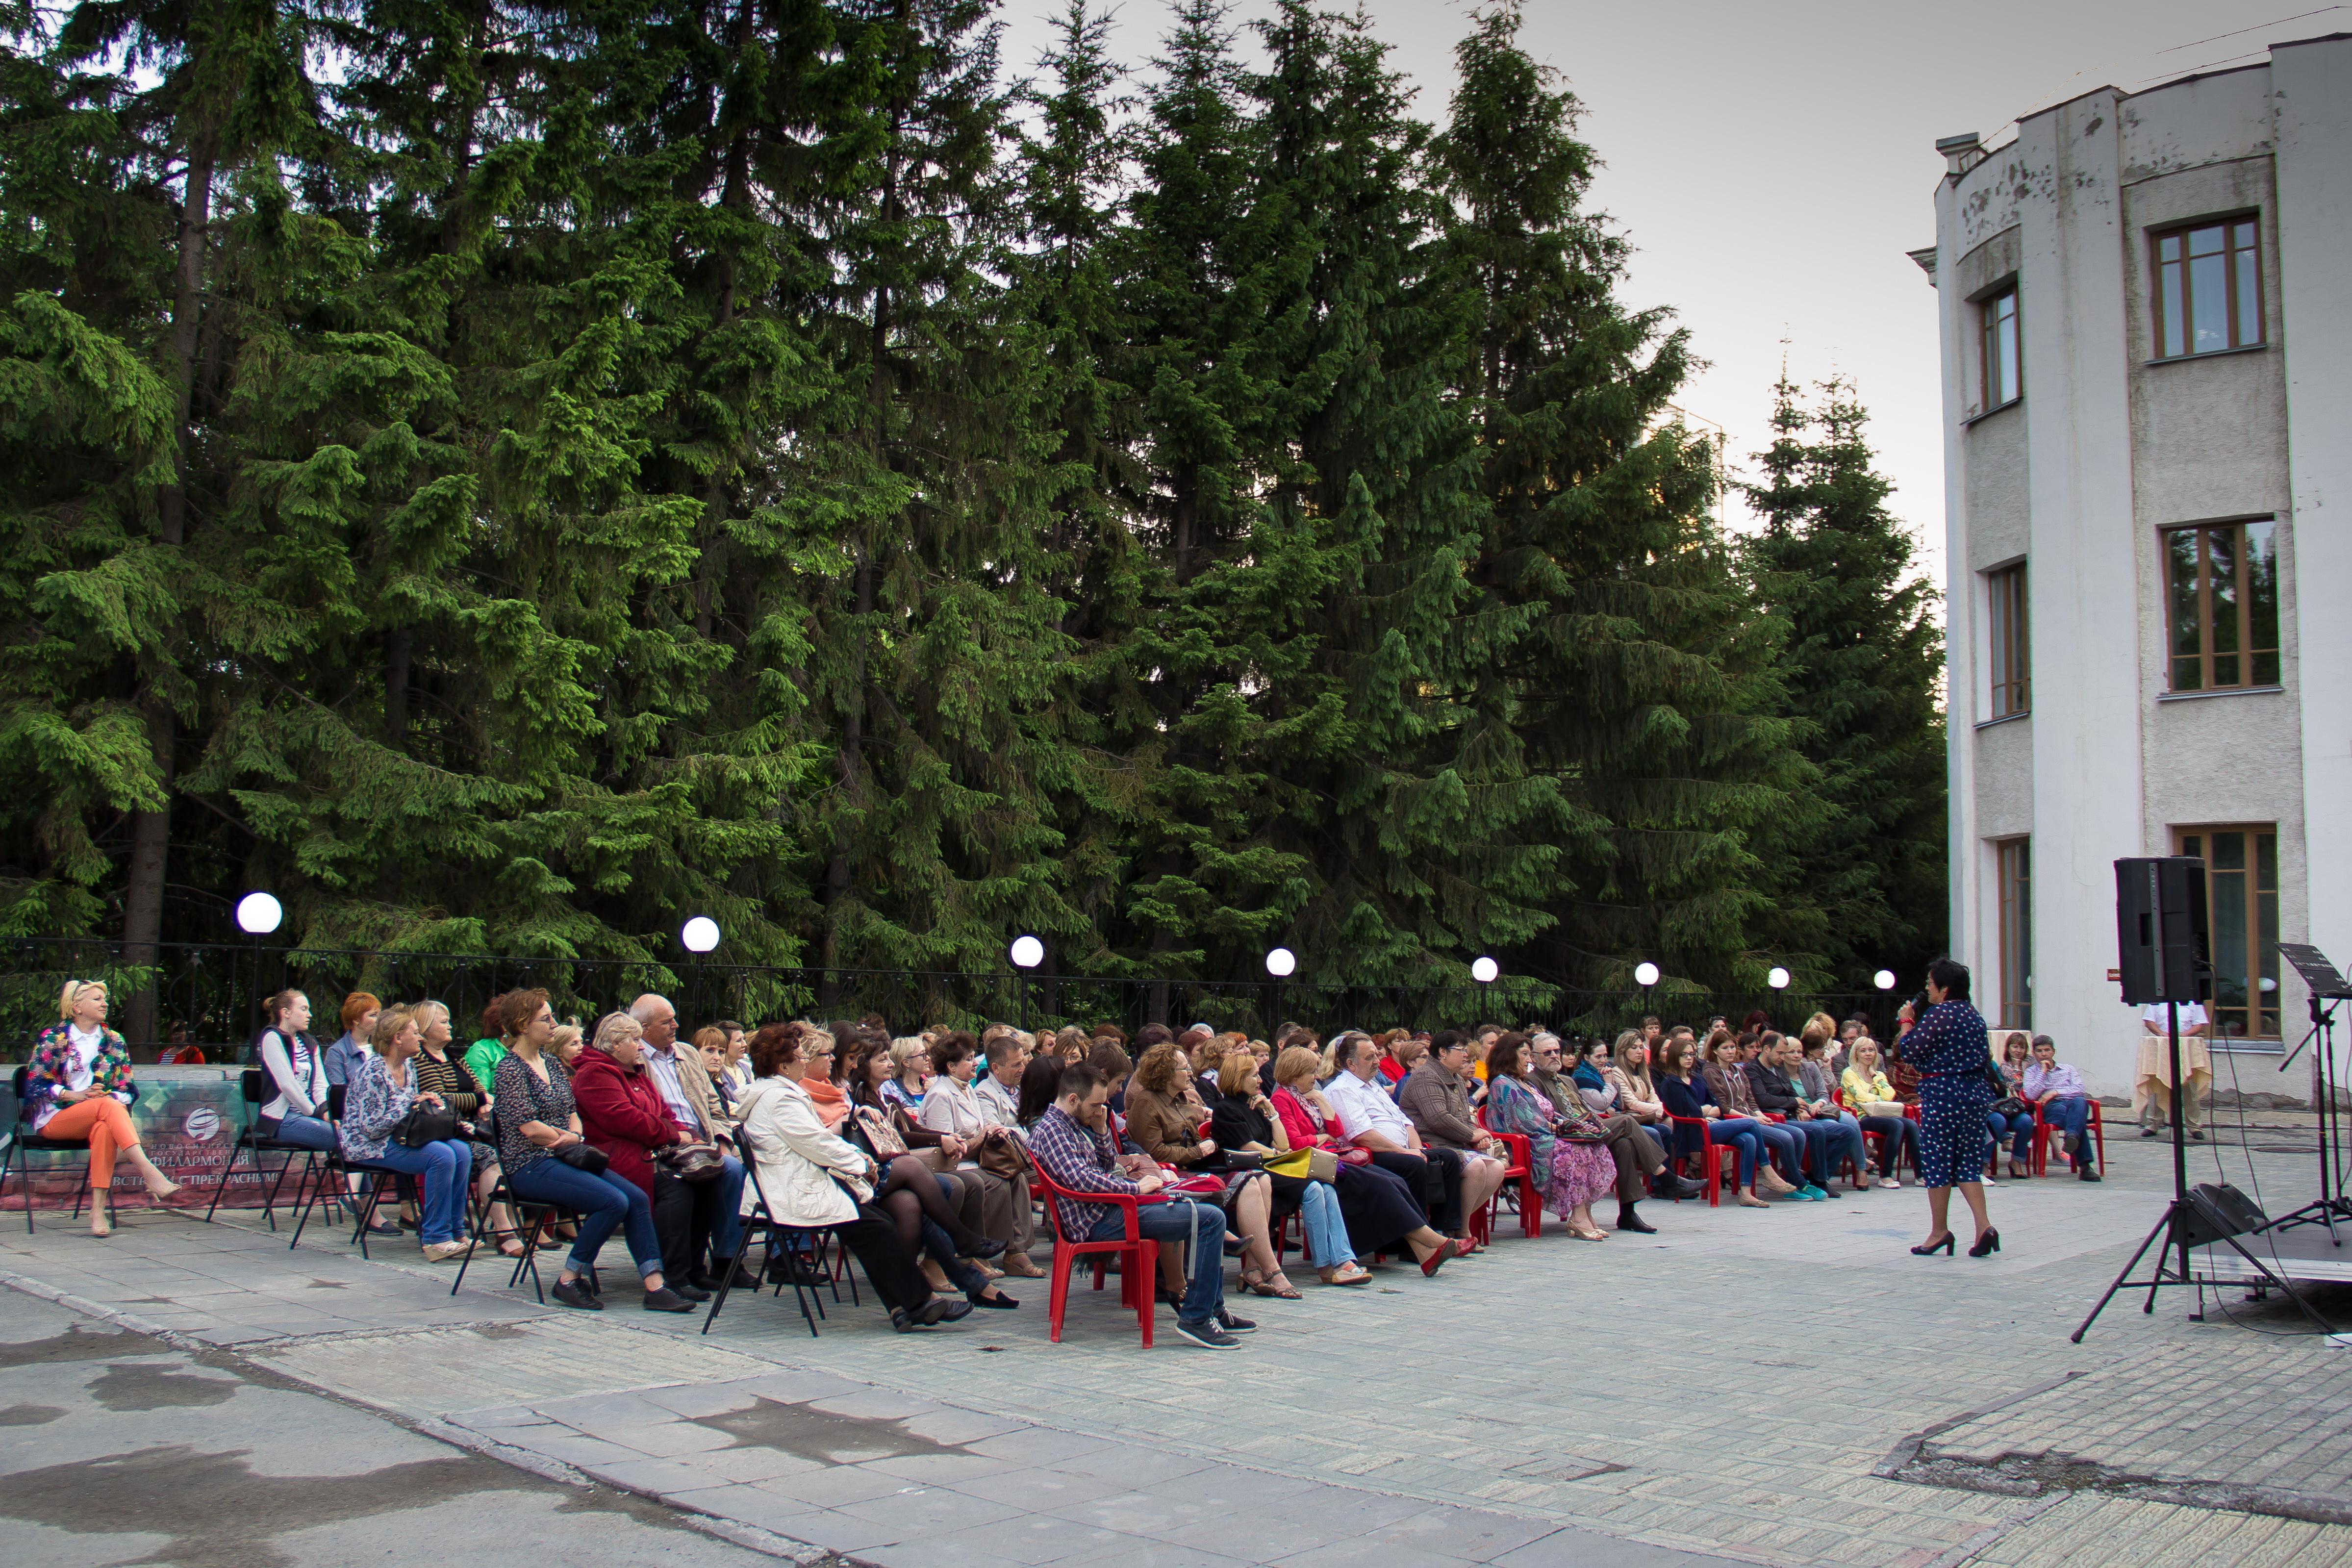 В «Тихом дворике» Новосибирской филармонии зазвучит музыка с летним настроением